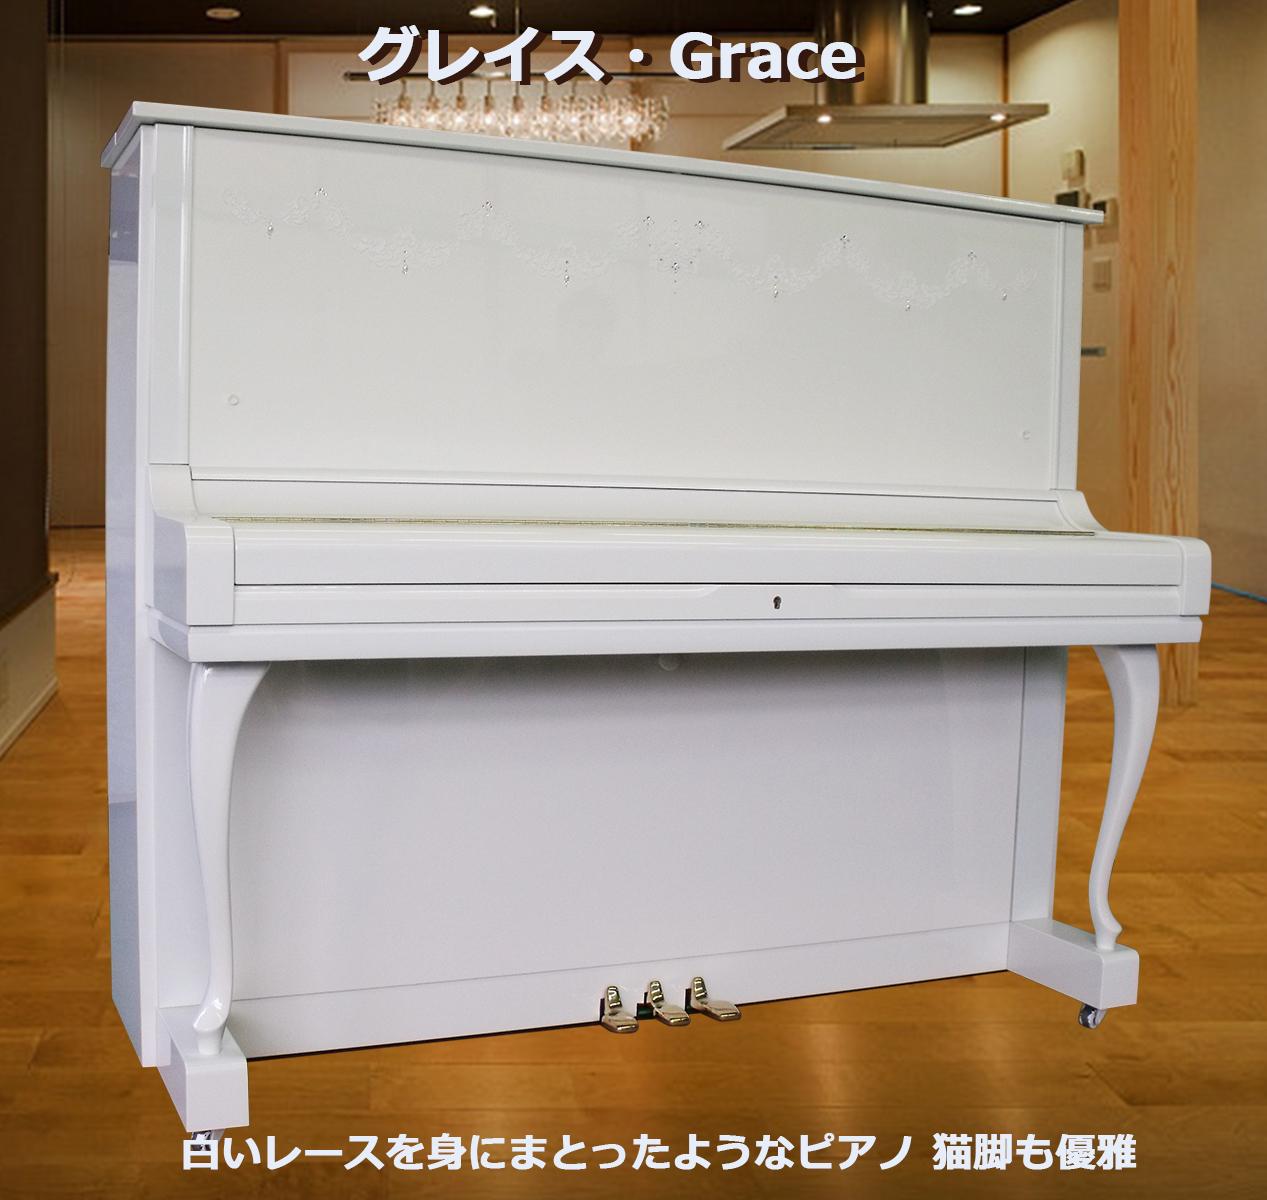 グレイス・Grace(白いピアノ アップライト)